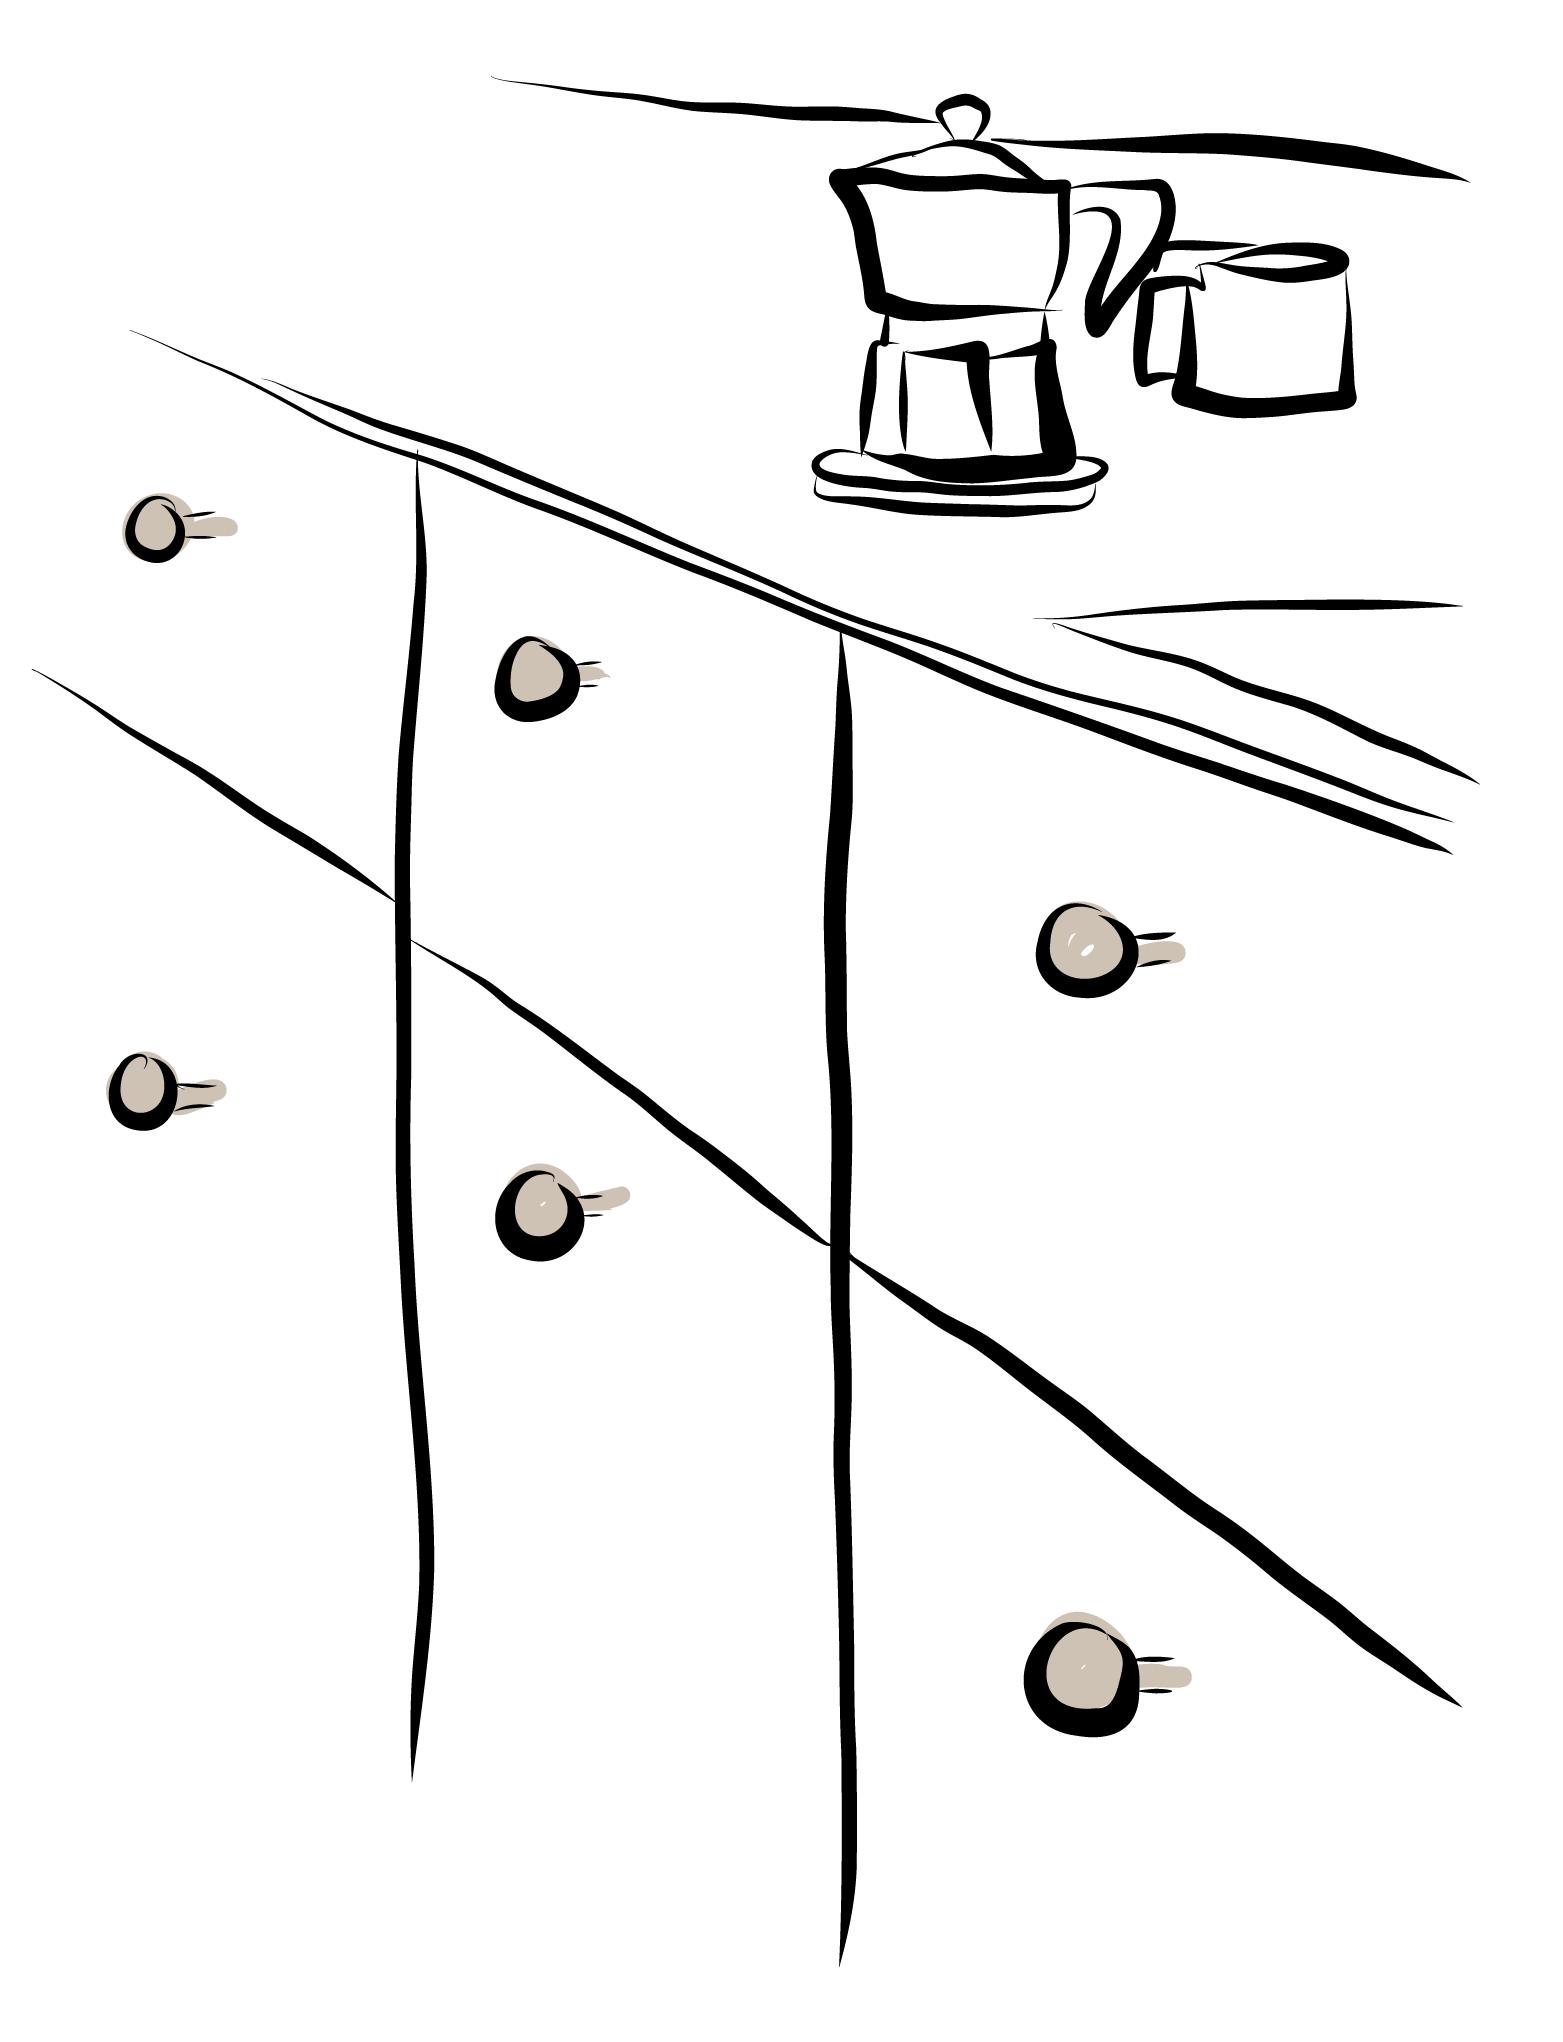 STOEAESC Website Illustrationen_Knopfgriffe